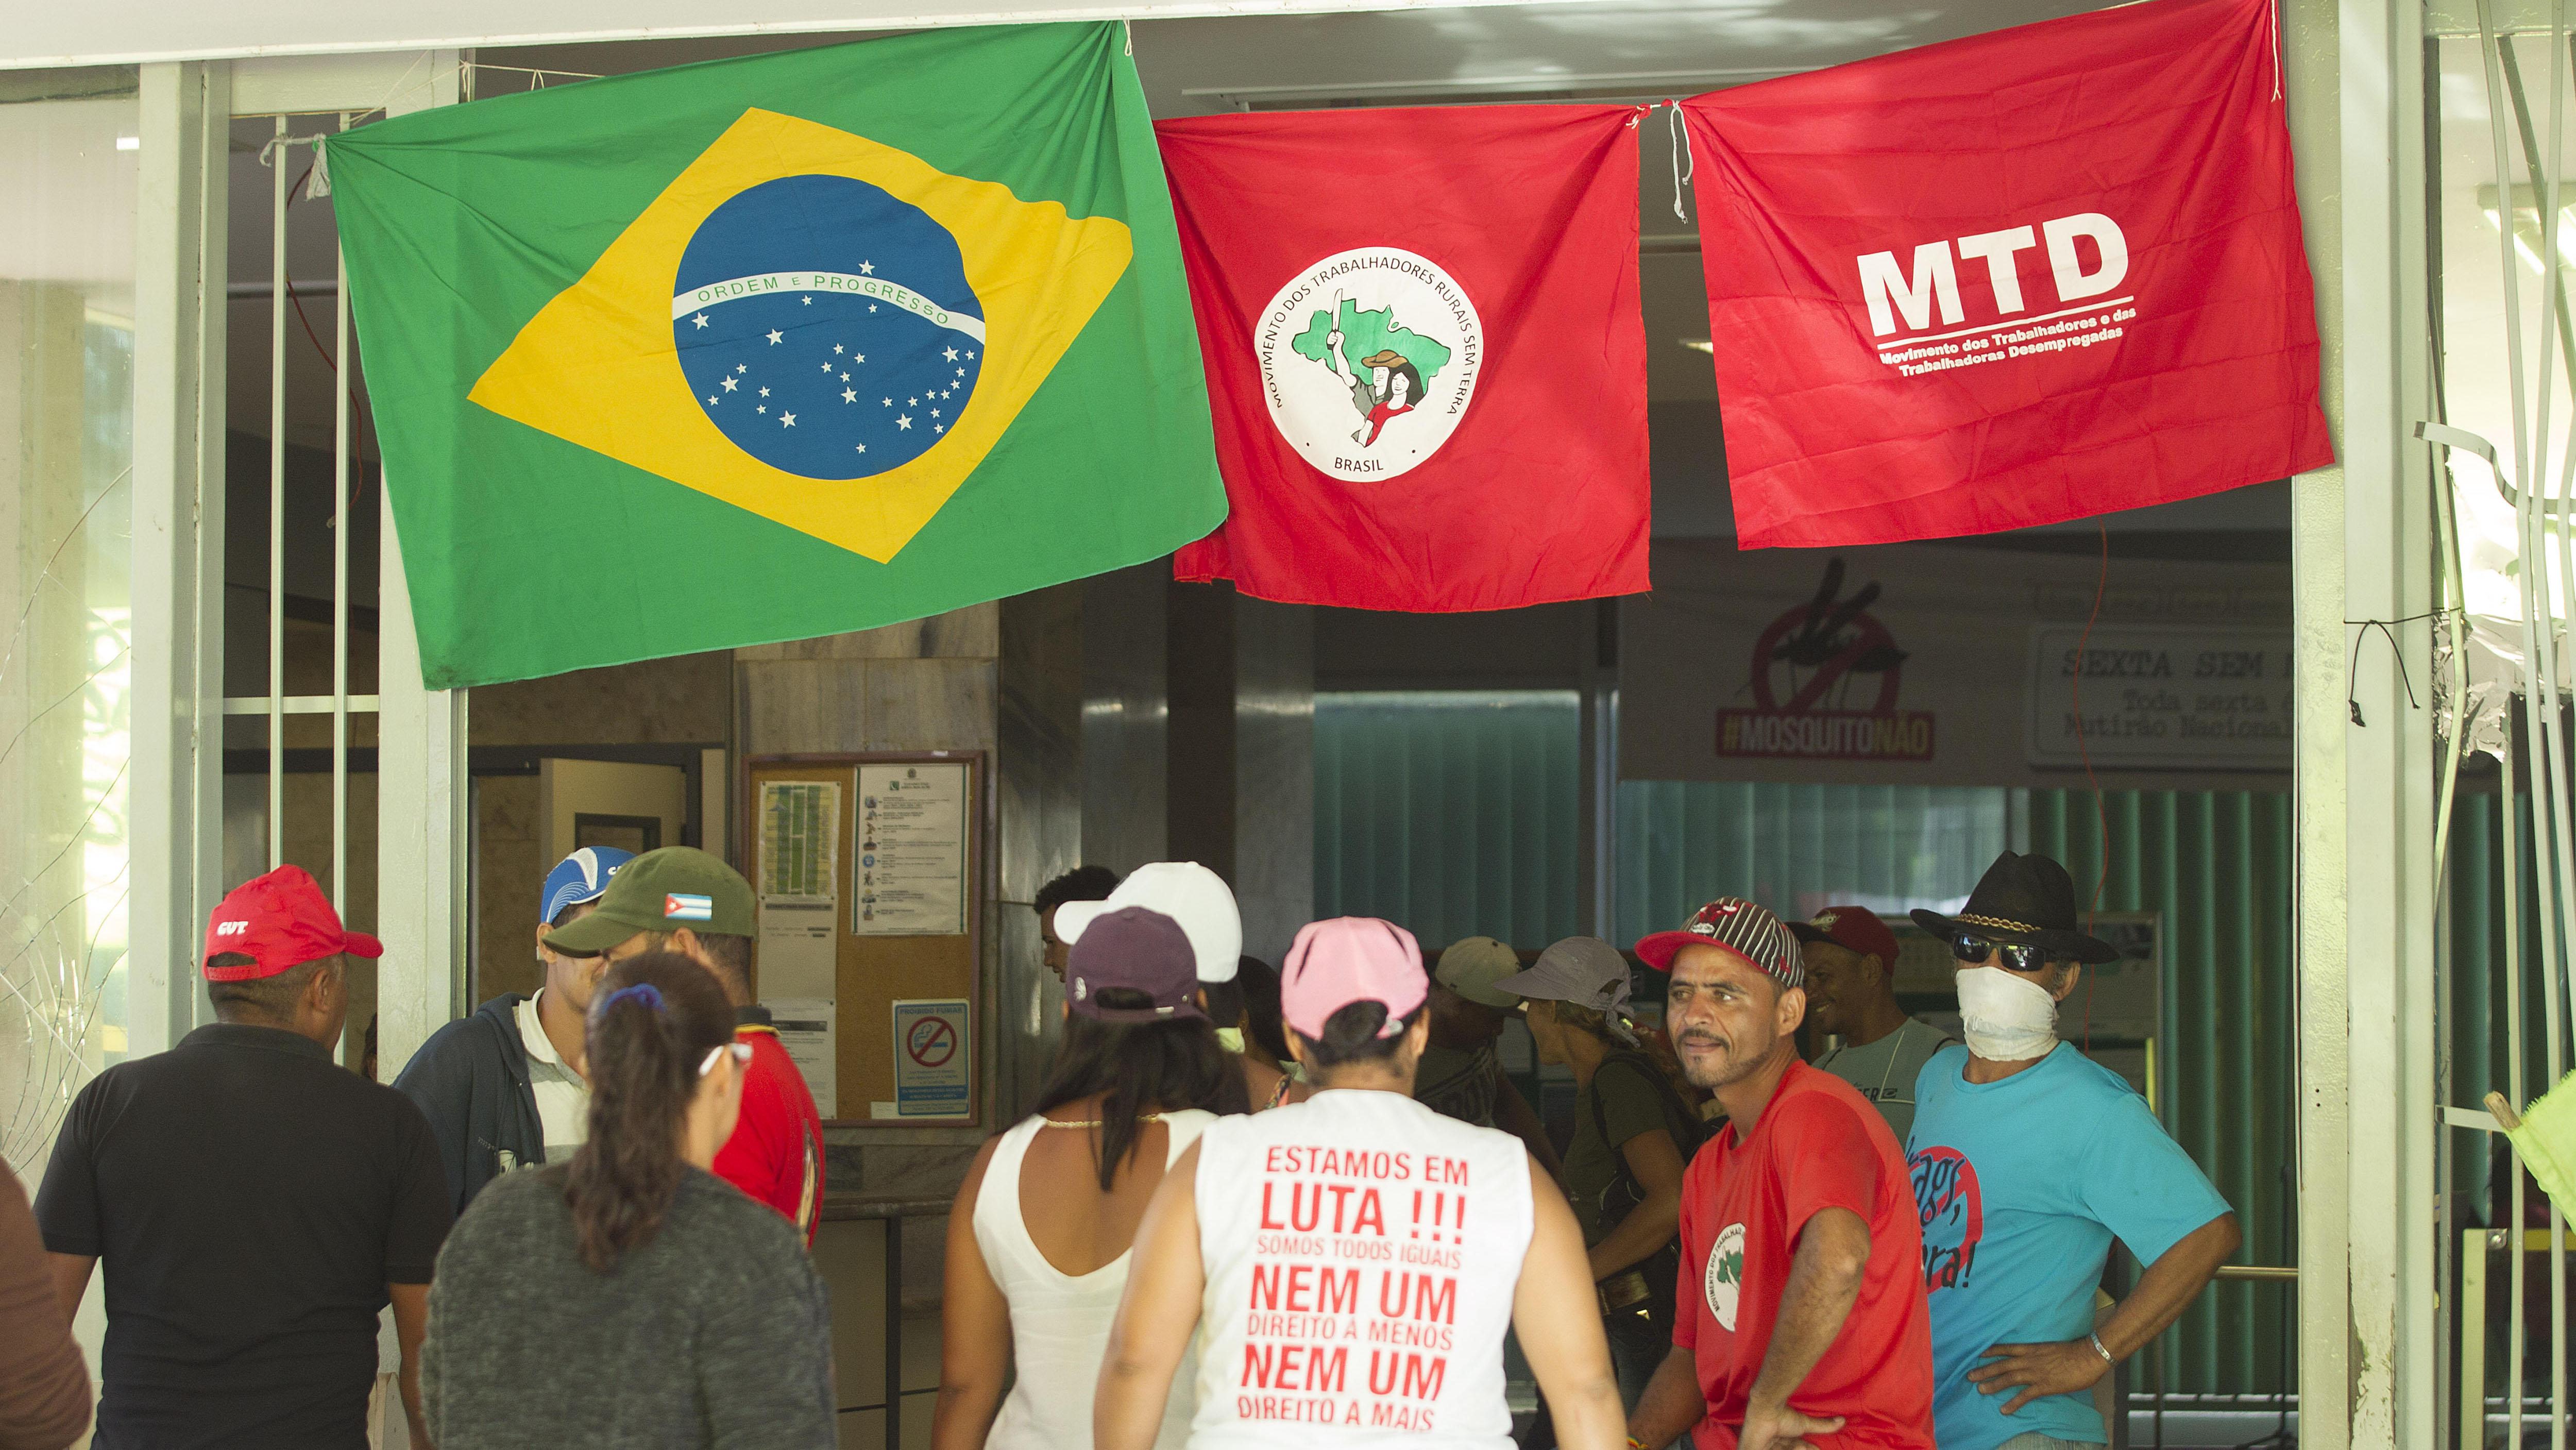 Positiva intervención de la seguridad en Río